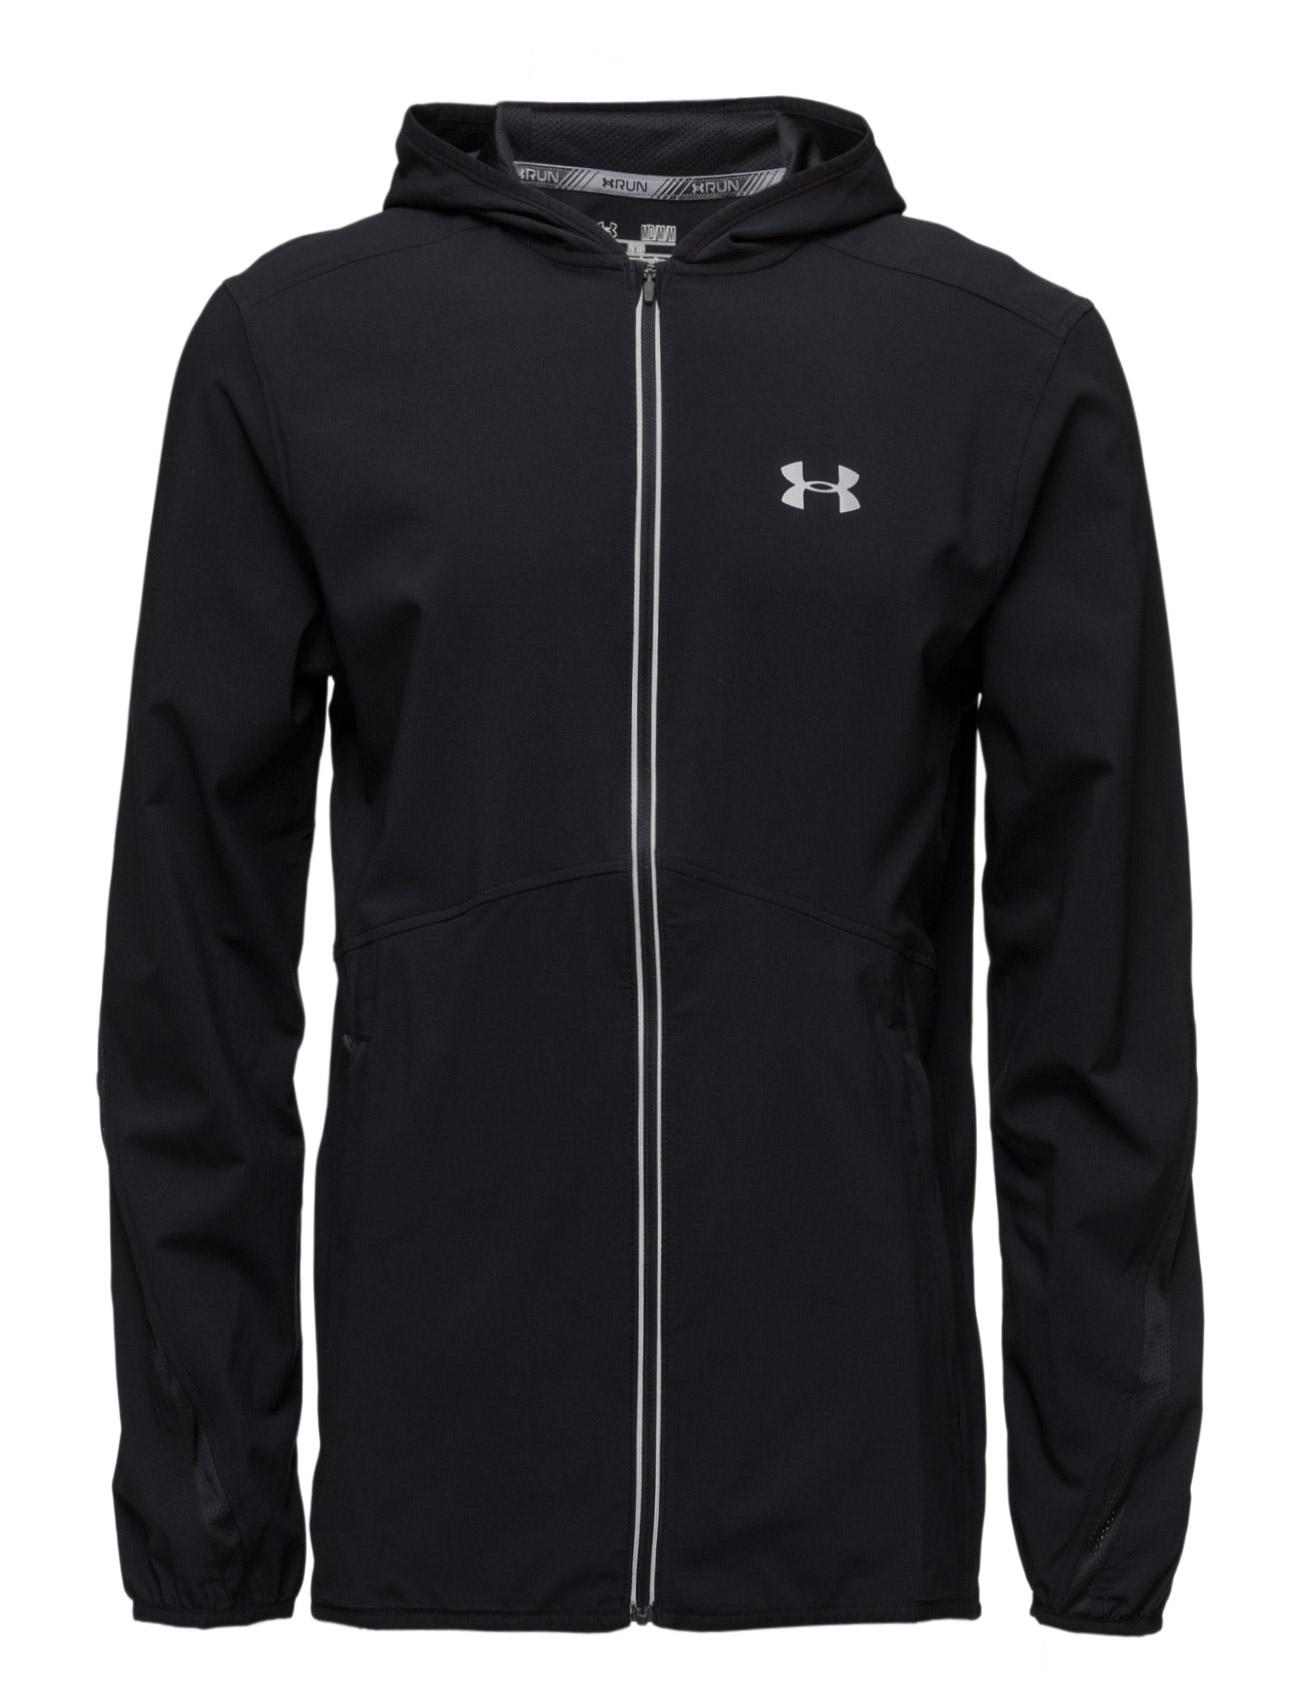 Run True Sw Jacket Under Armour Sports toppe til Mænd i Sort